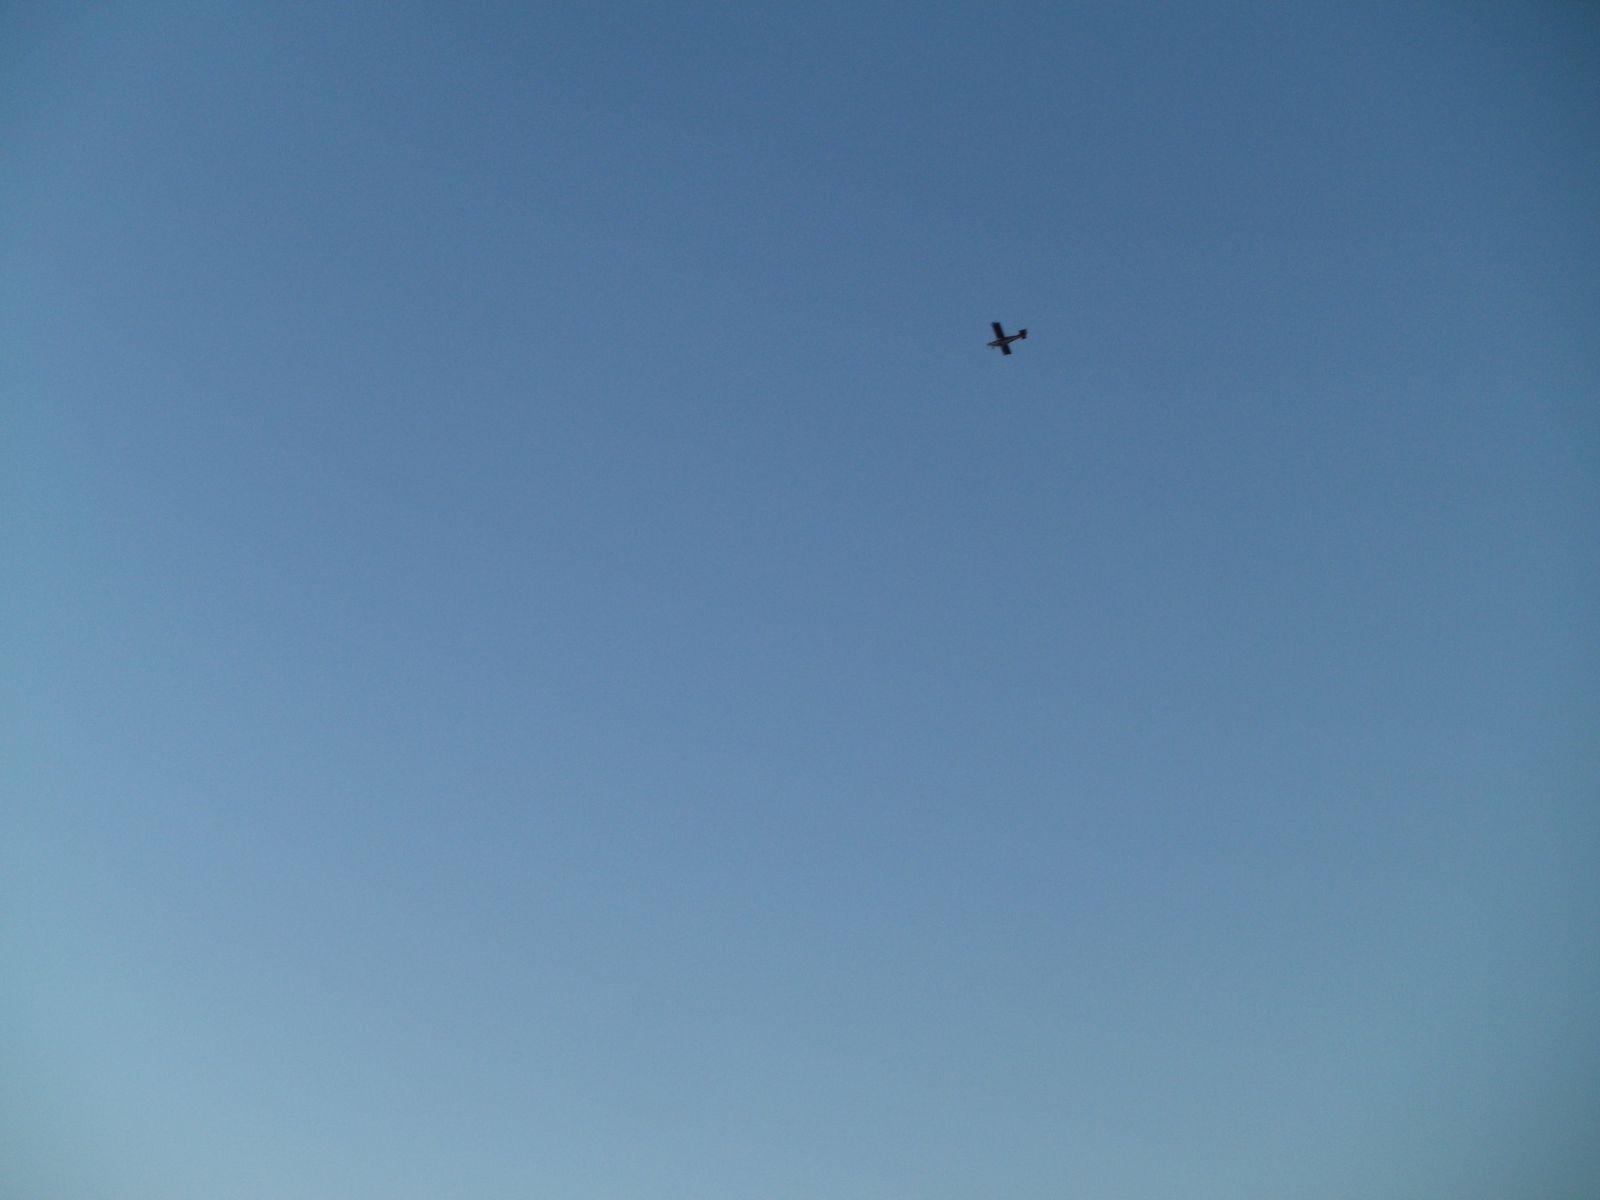 Un ULM rouge déjà rencontré au dessus de Chemilly fait quelques passages salutaires au dessus de moi.